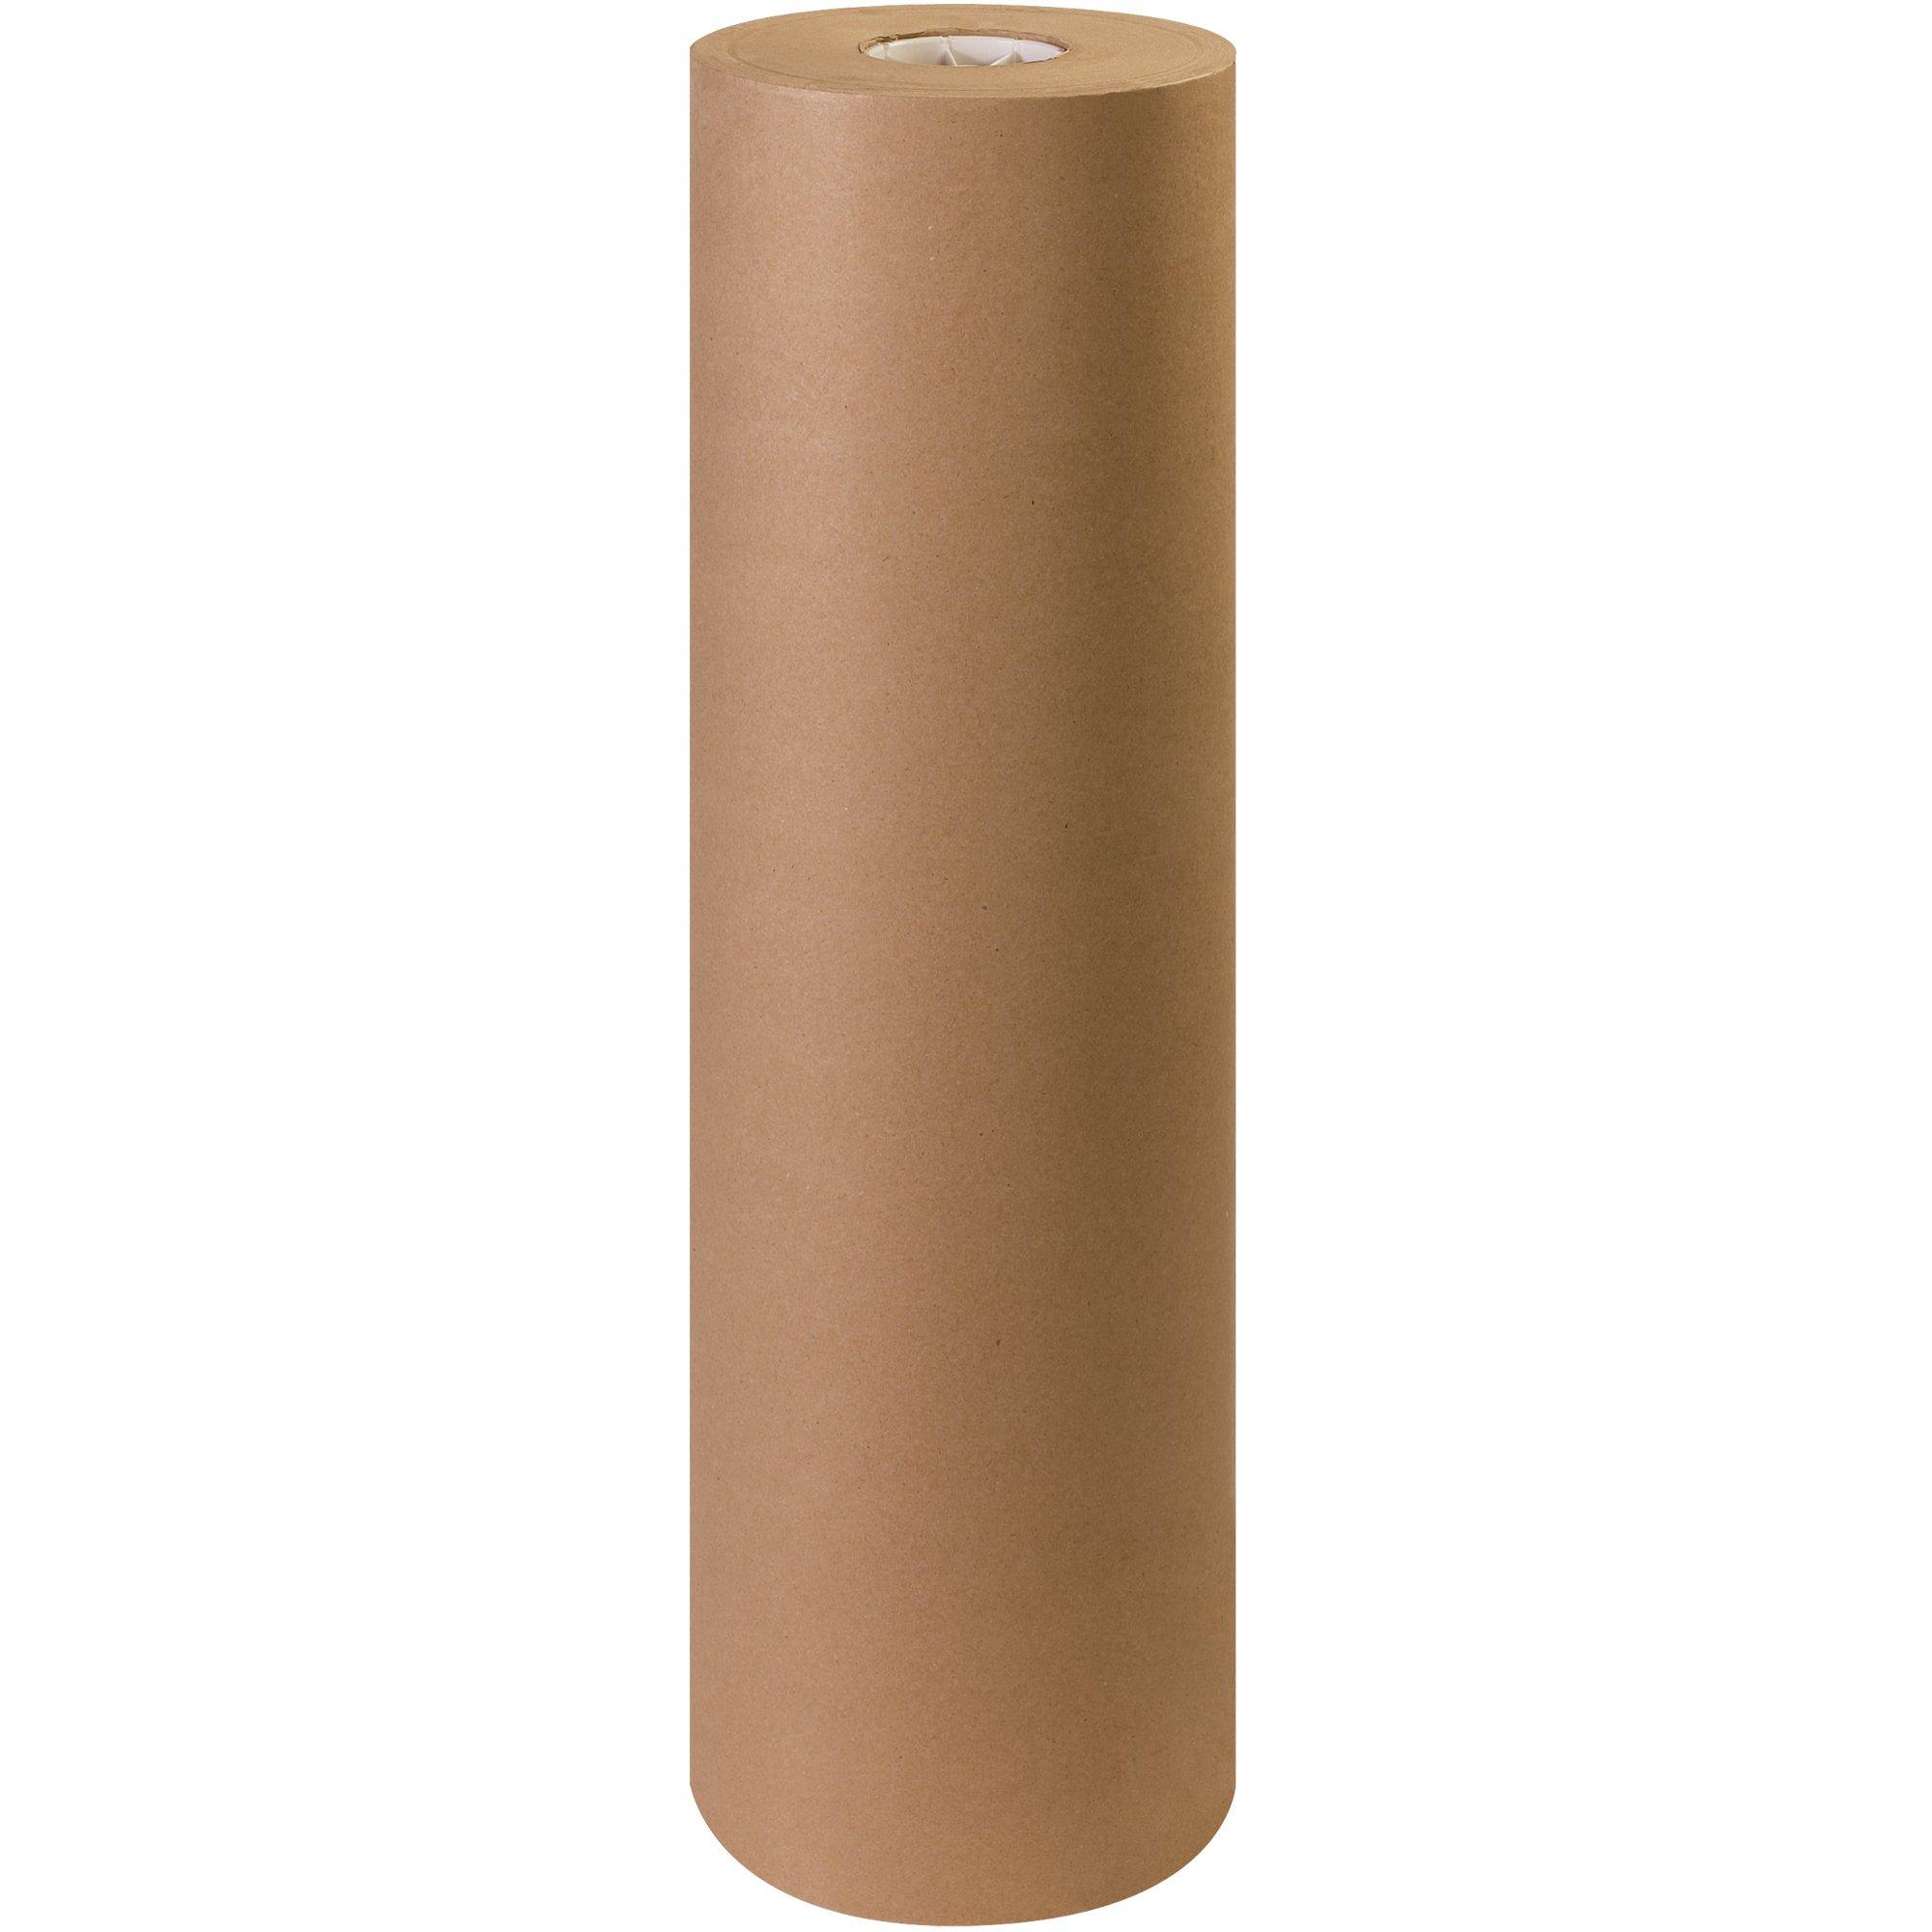 Aviditi Fiber 30# Paper Roll, 1200' L x 30'' W, Kraft (KP3030) by Aviditi